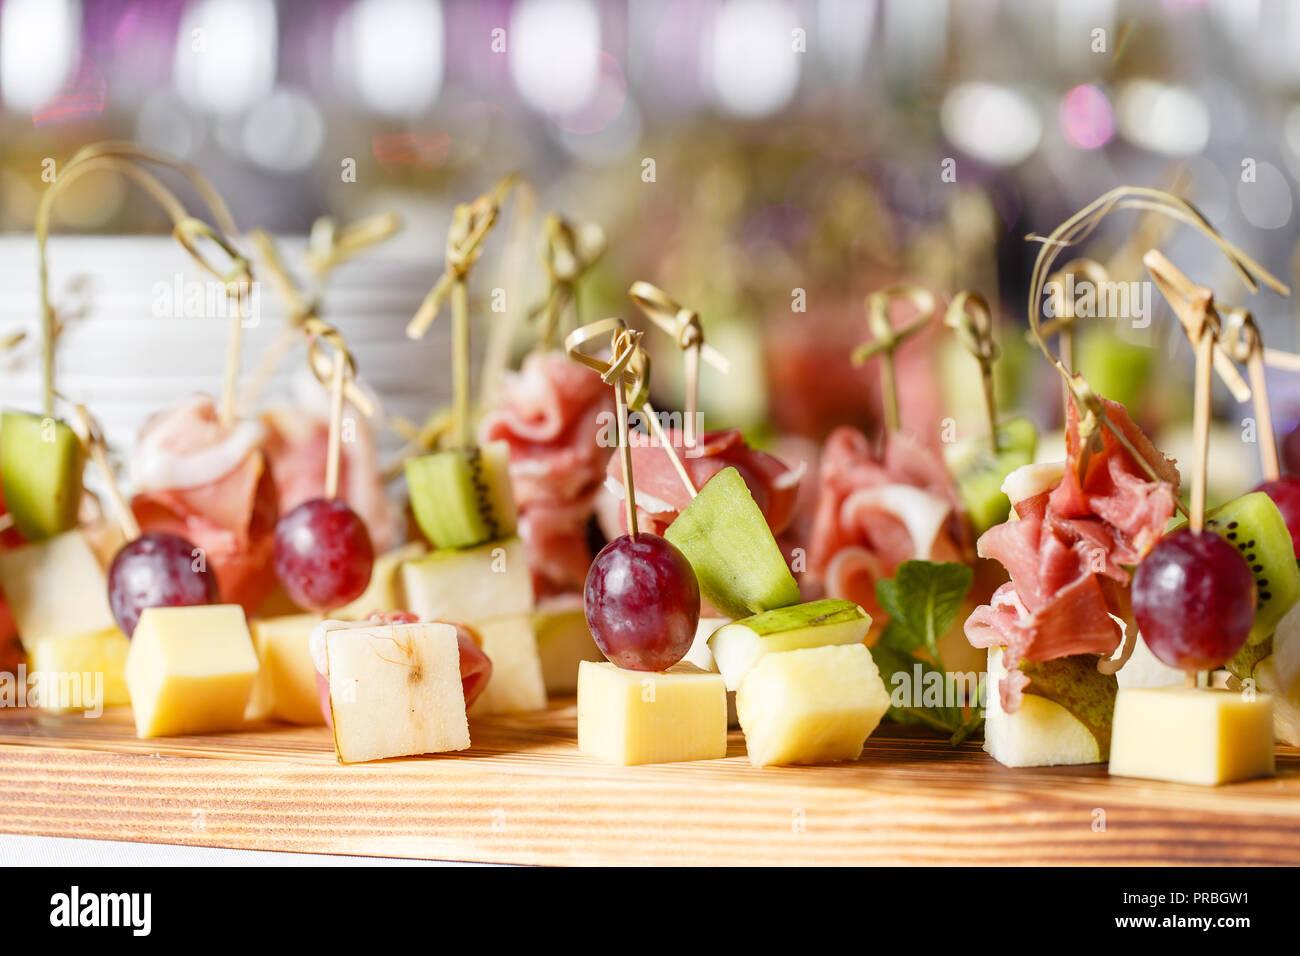 El buffet en la recepción. Surtido de canapés sobre la plancha de madera. Servicio de banquetes catering comida, aperitivos con queso, jamón, jamón y fruta Foto de stock